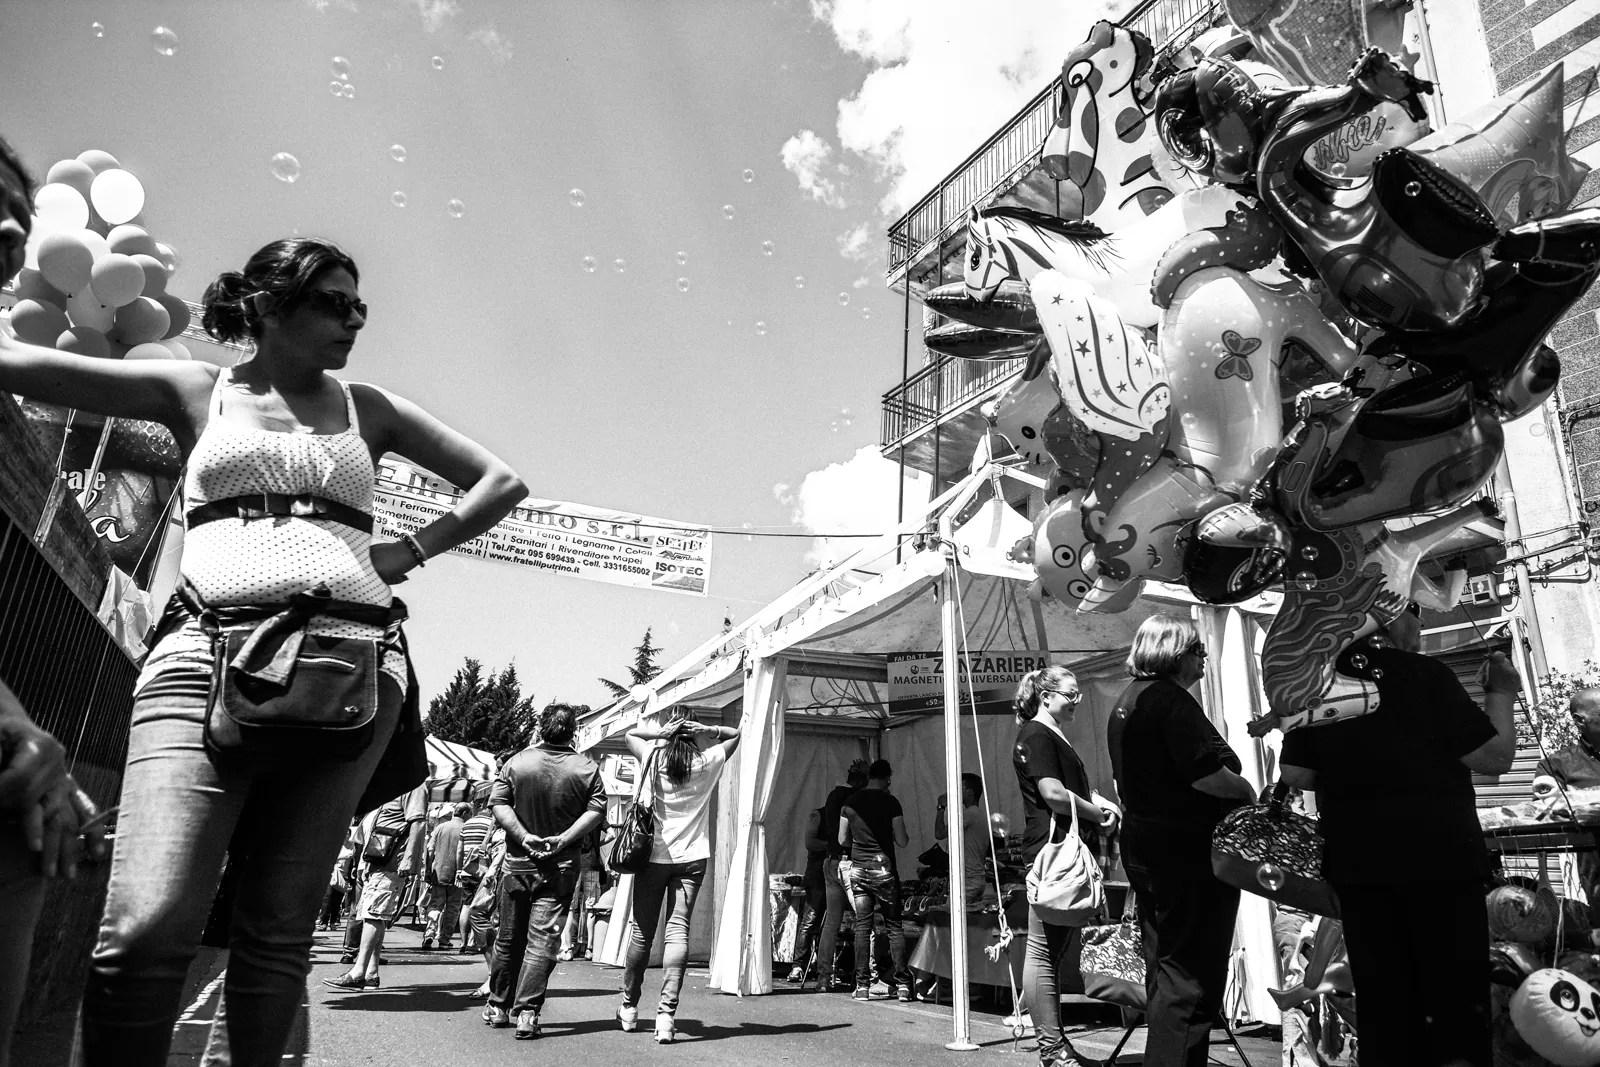 DSCF0691 - Un Giorno di festa - Sagra a Maletto [Street Photography] - fotostreet.it